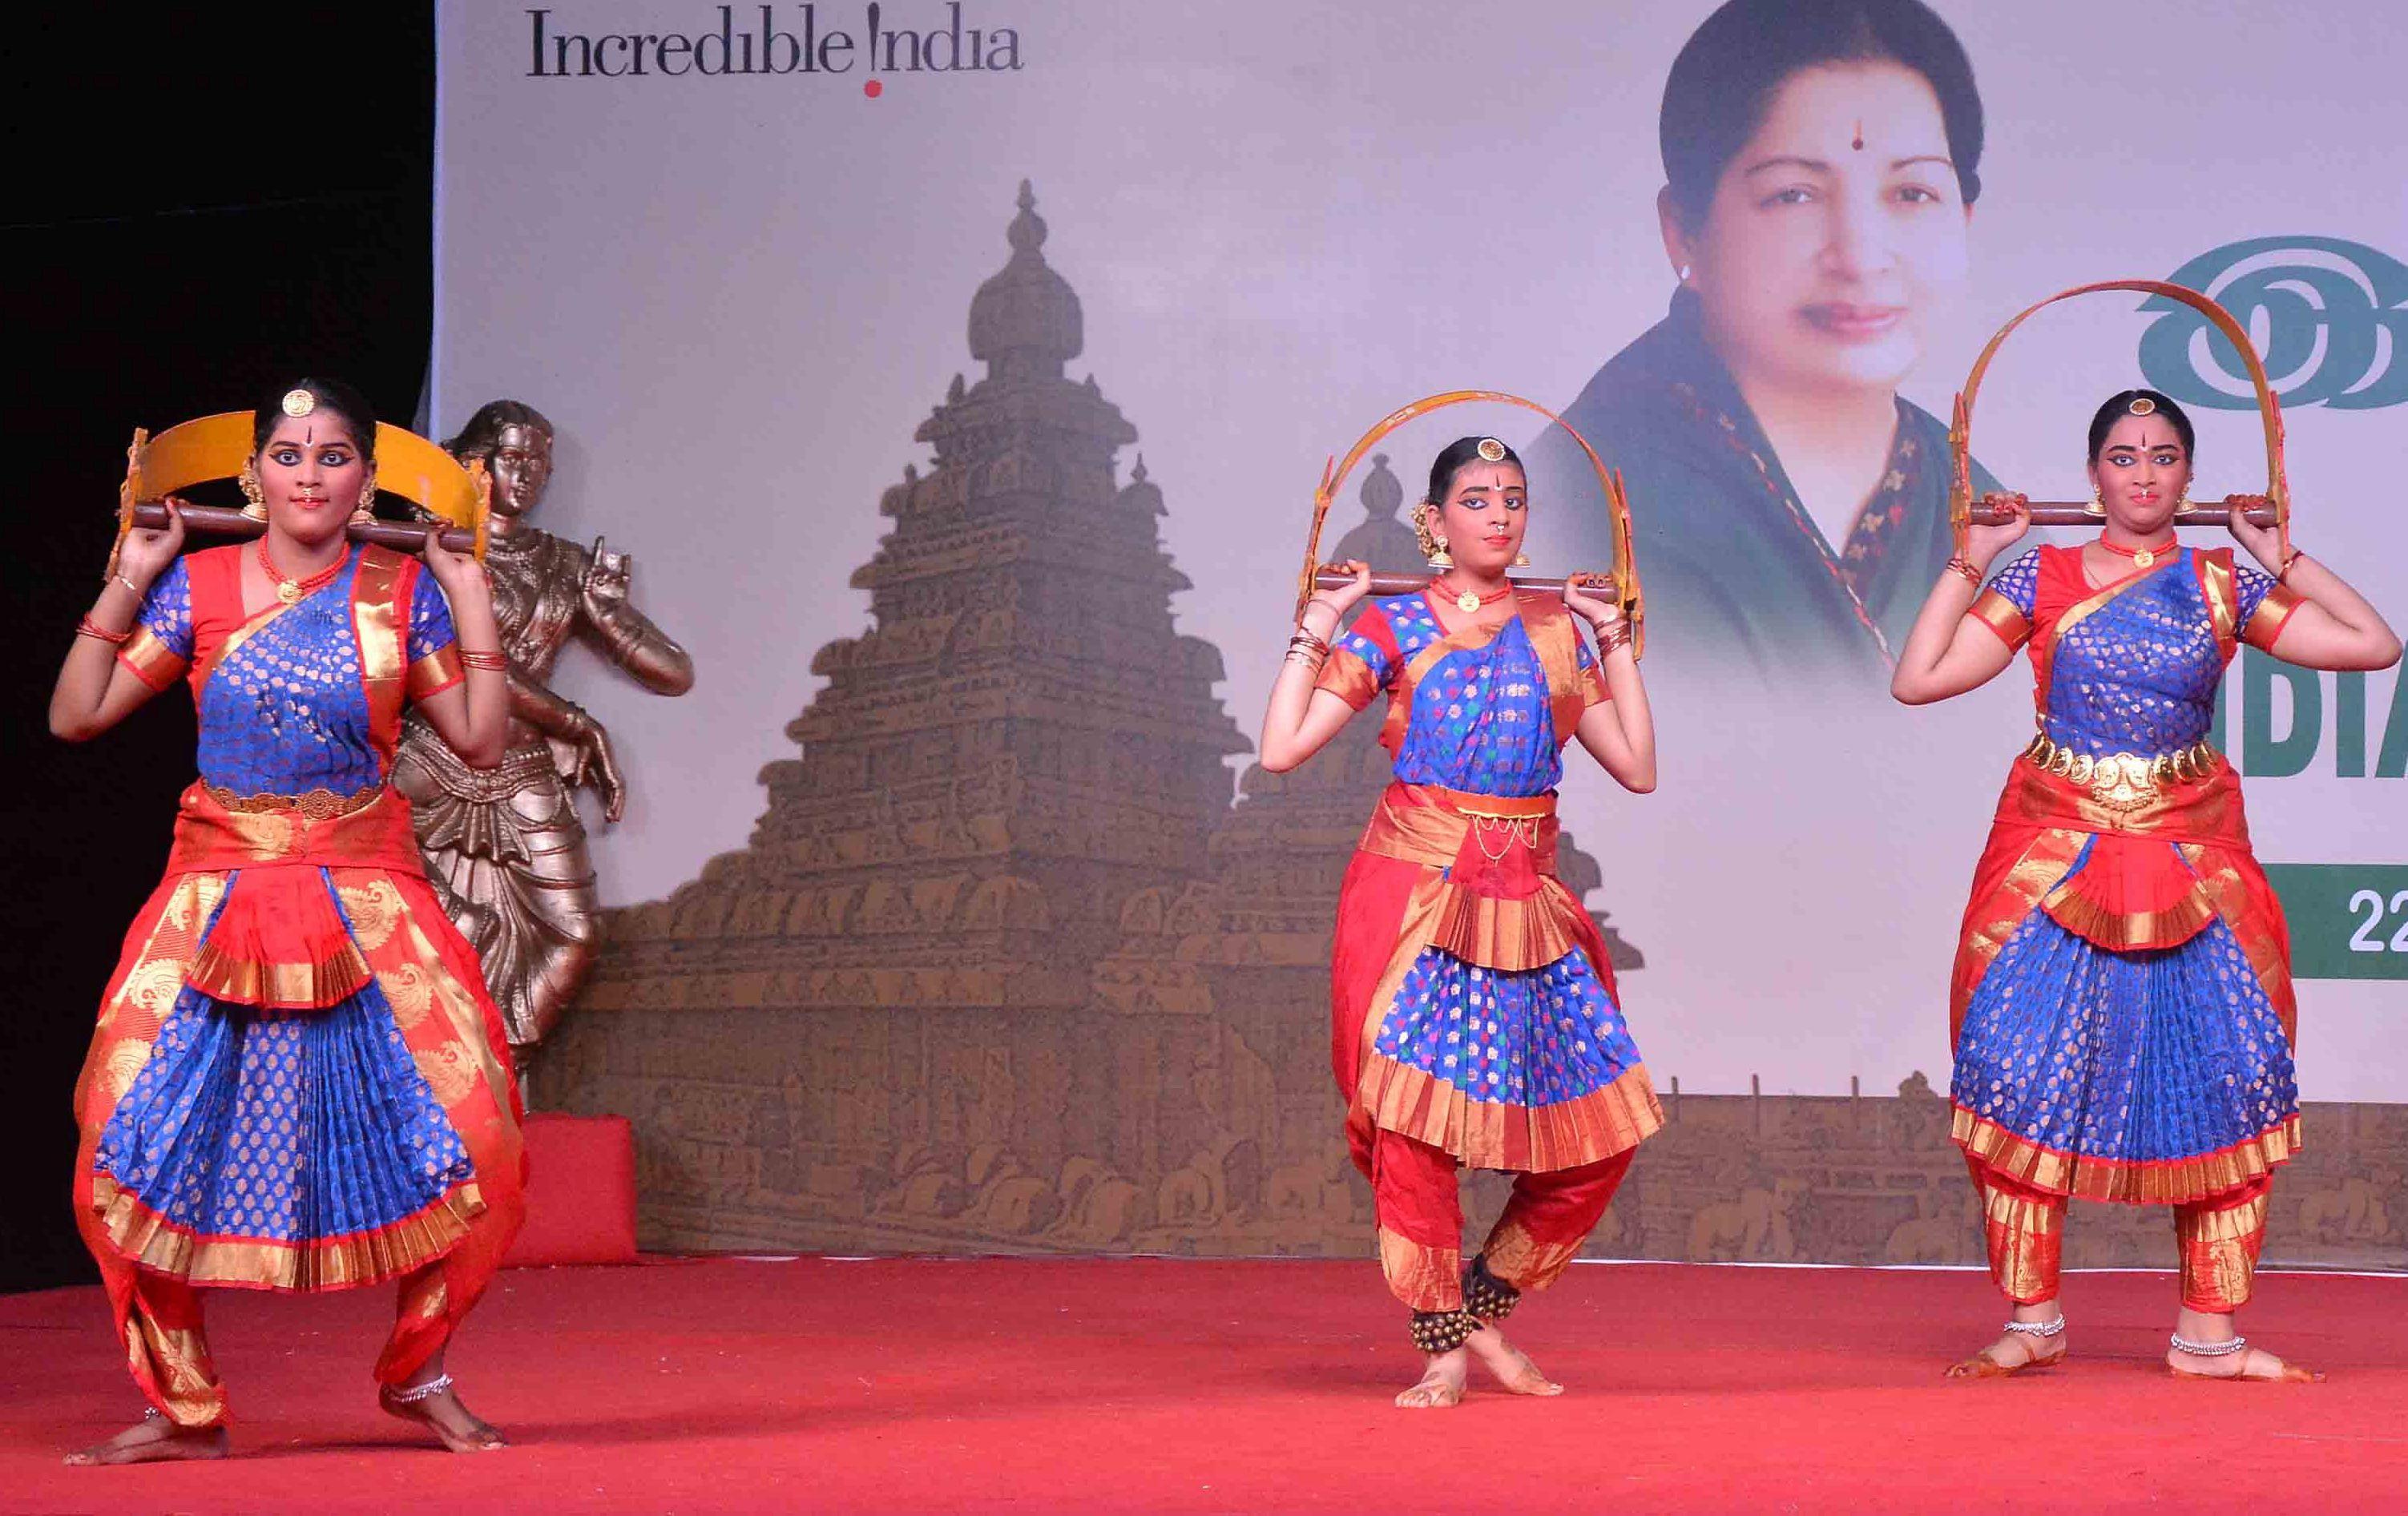 மாமல்லபுரம், இந்திய நாட்டிய விழா